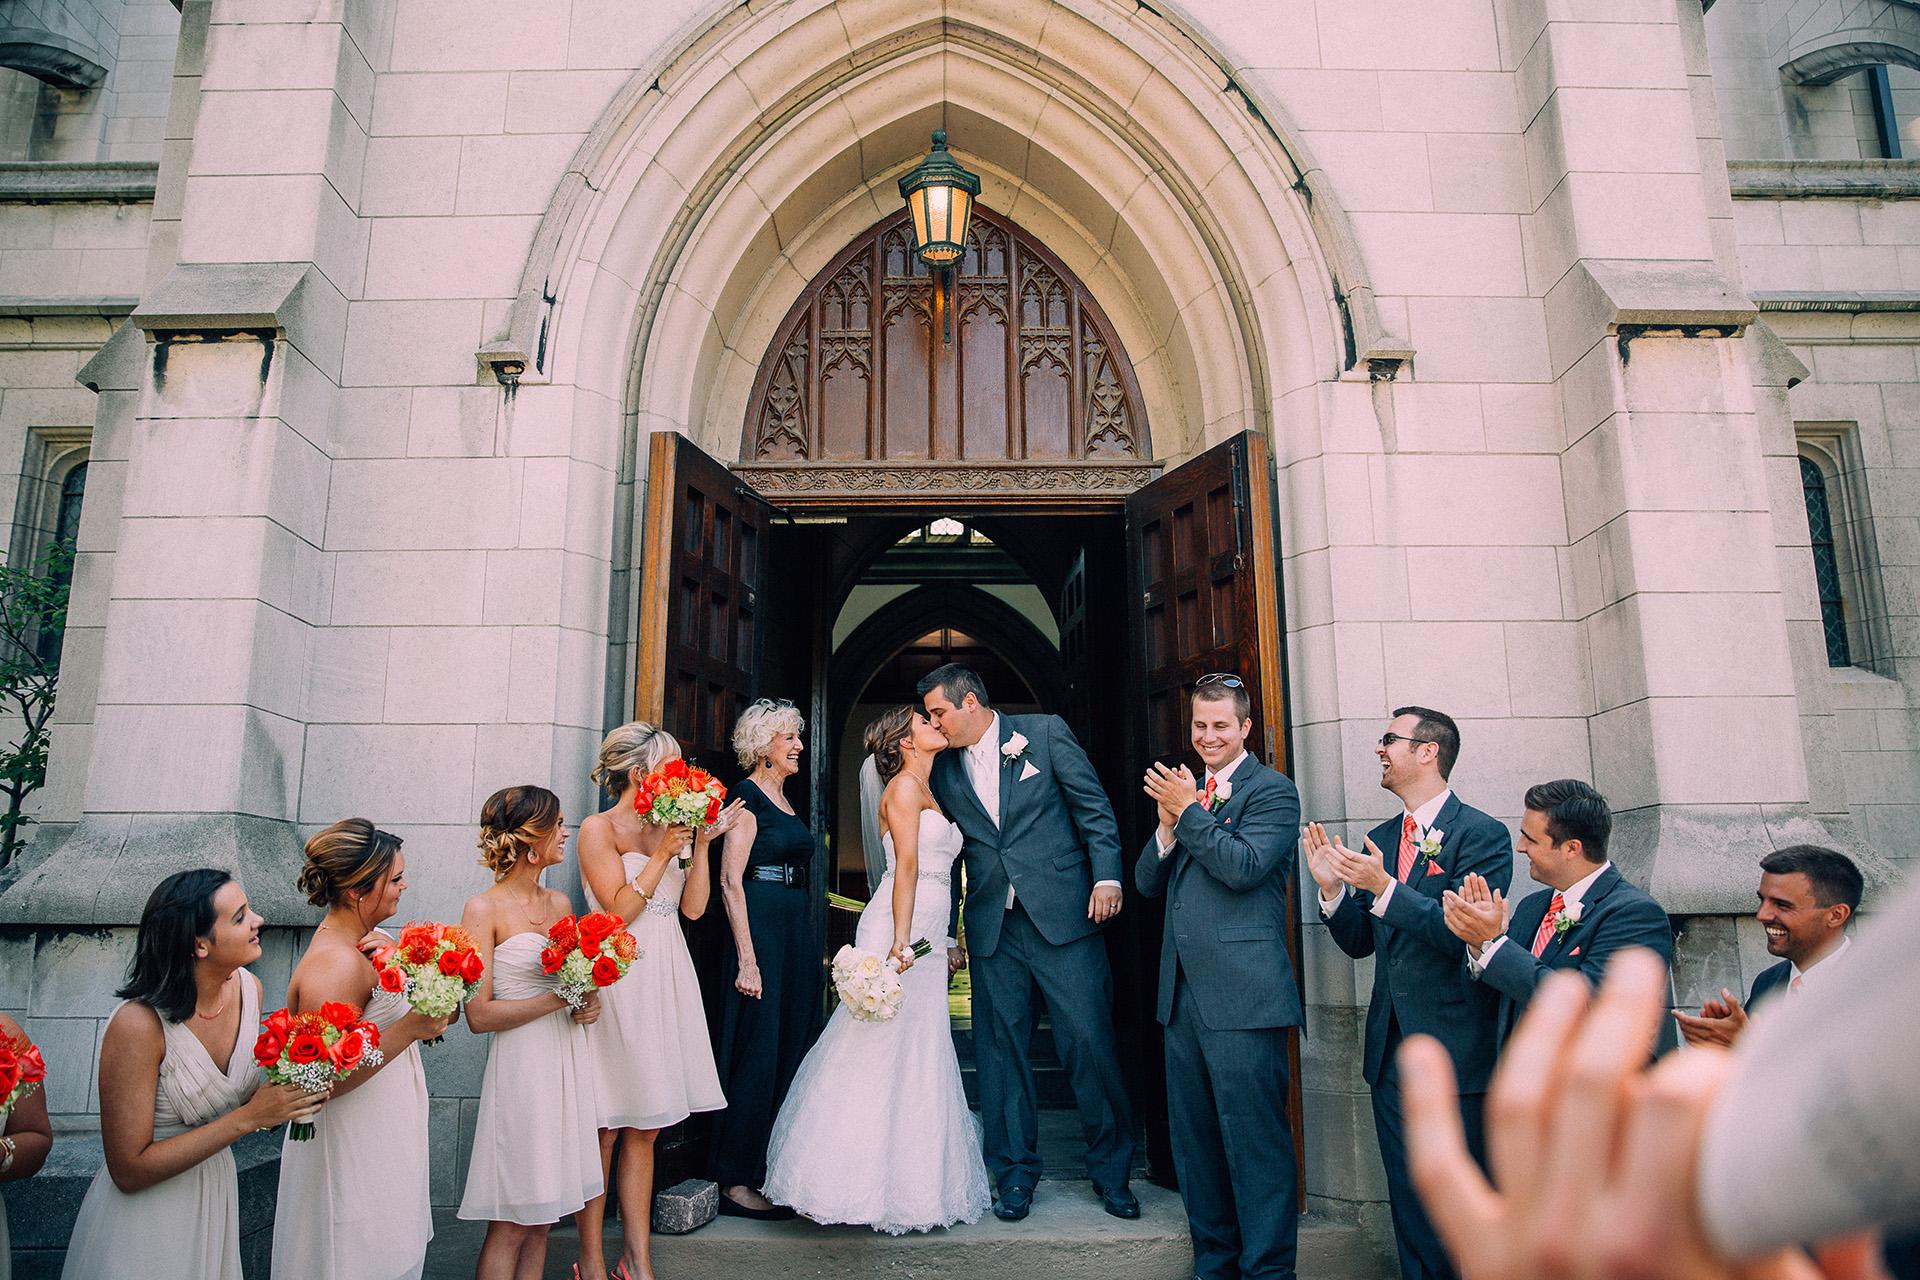 Amasa Stone Chapel Cleveland Wedding Photographer 36.jpg